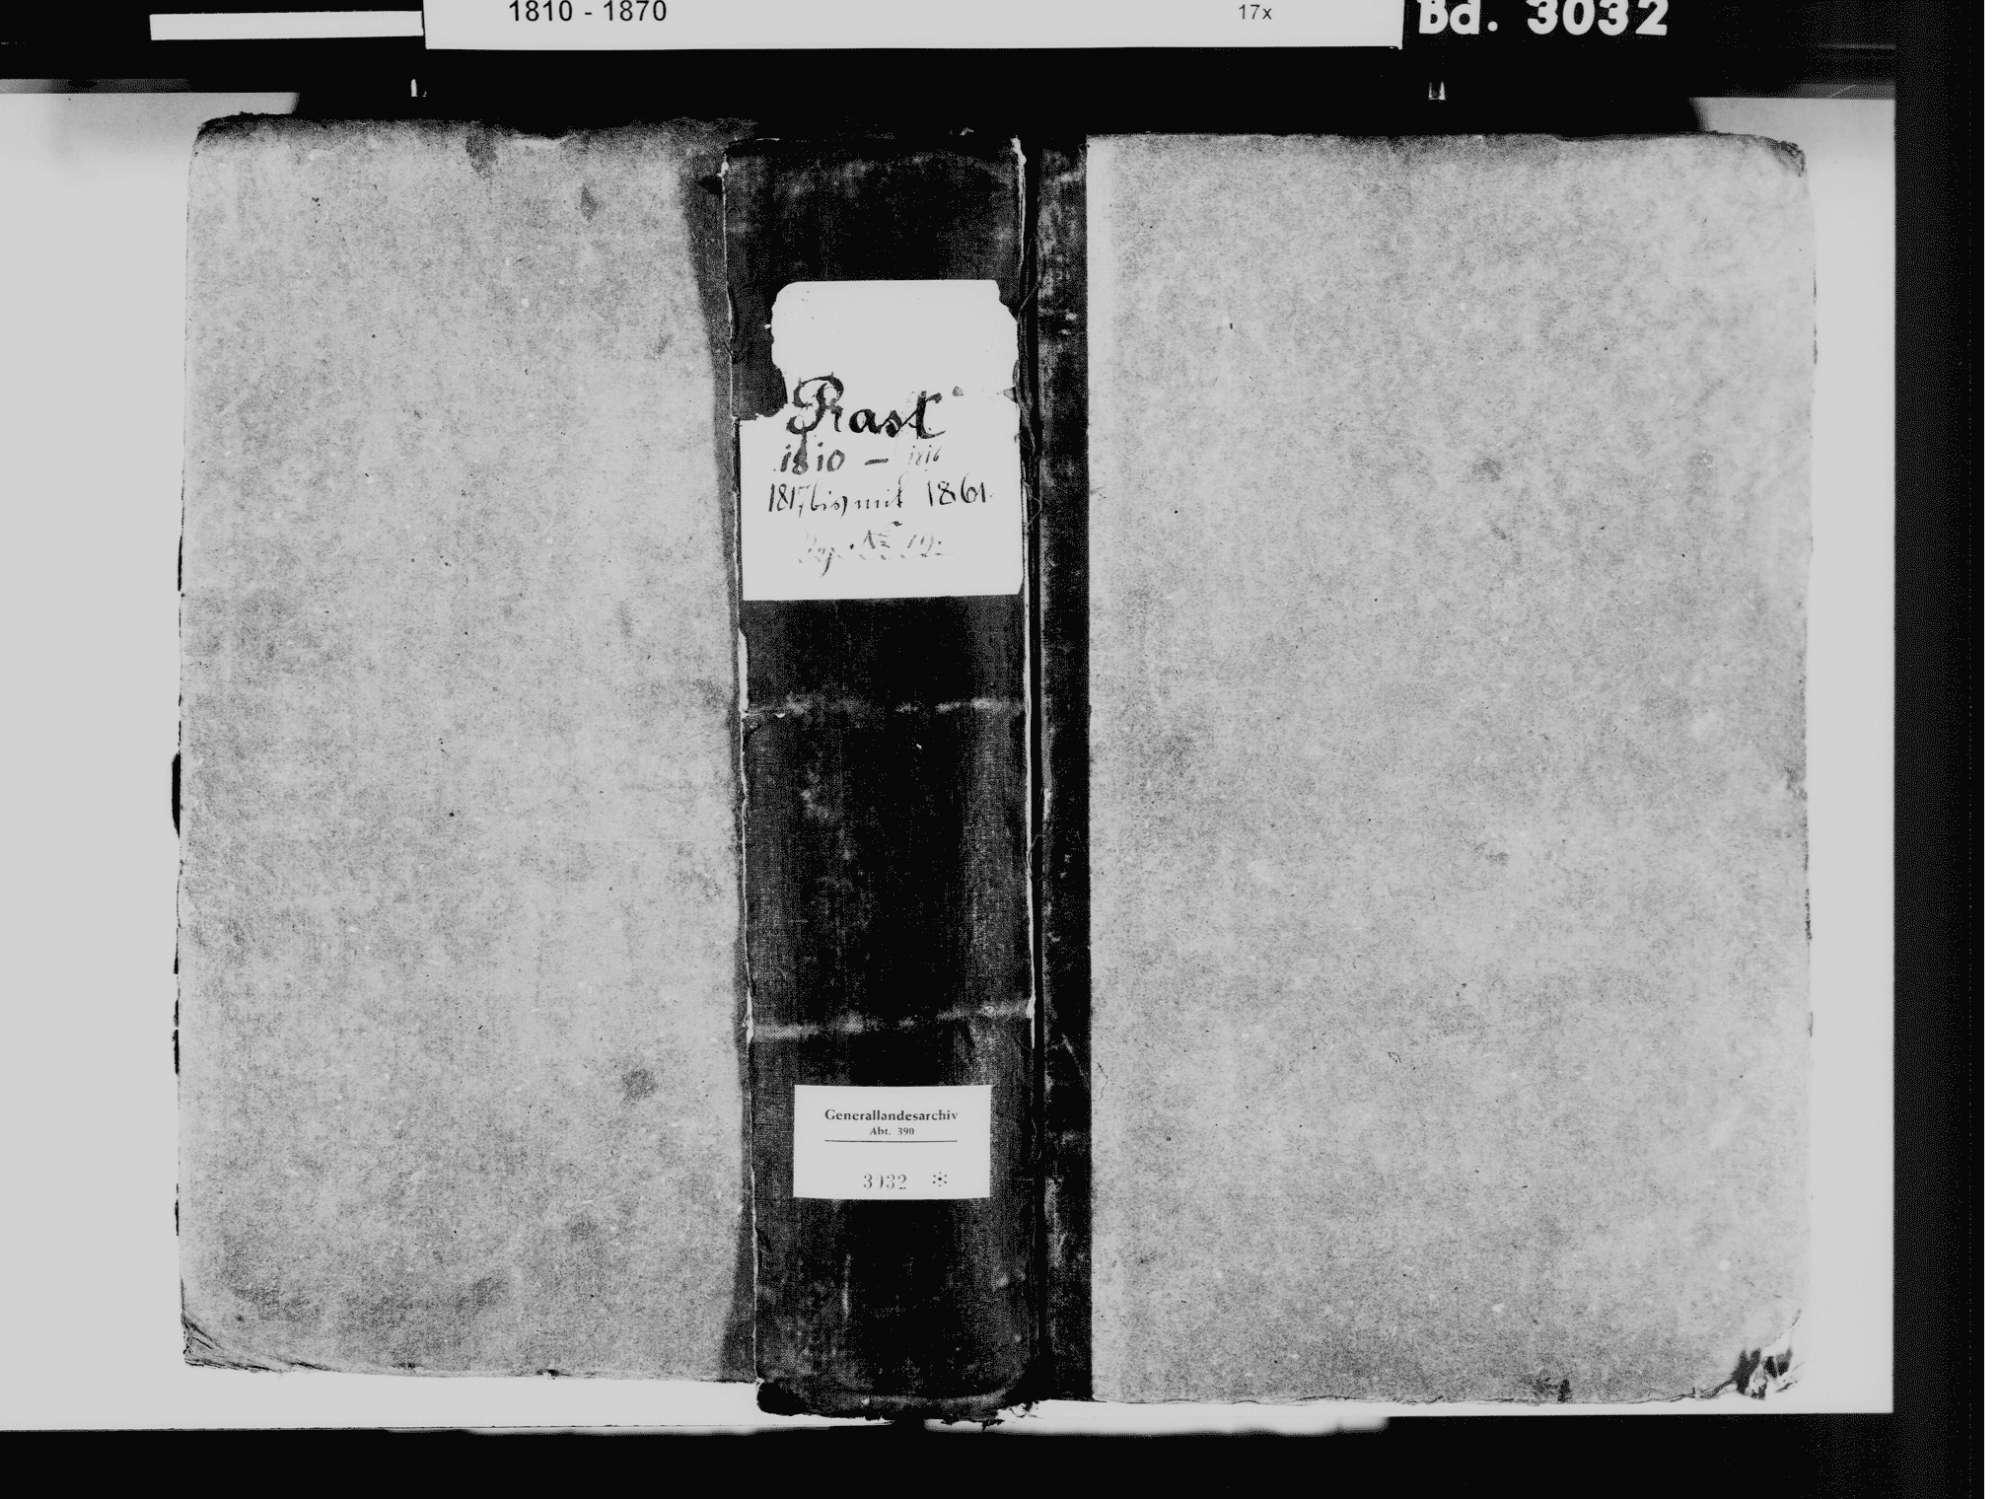 Rast, Sauldorf SIG; Katholische Gemeinde: Standesbuch 1810-1861, Bild 2